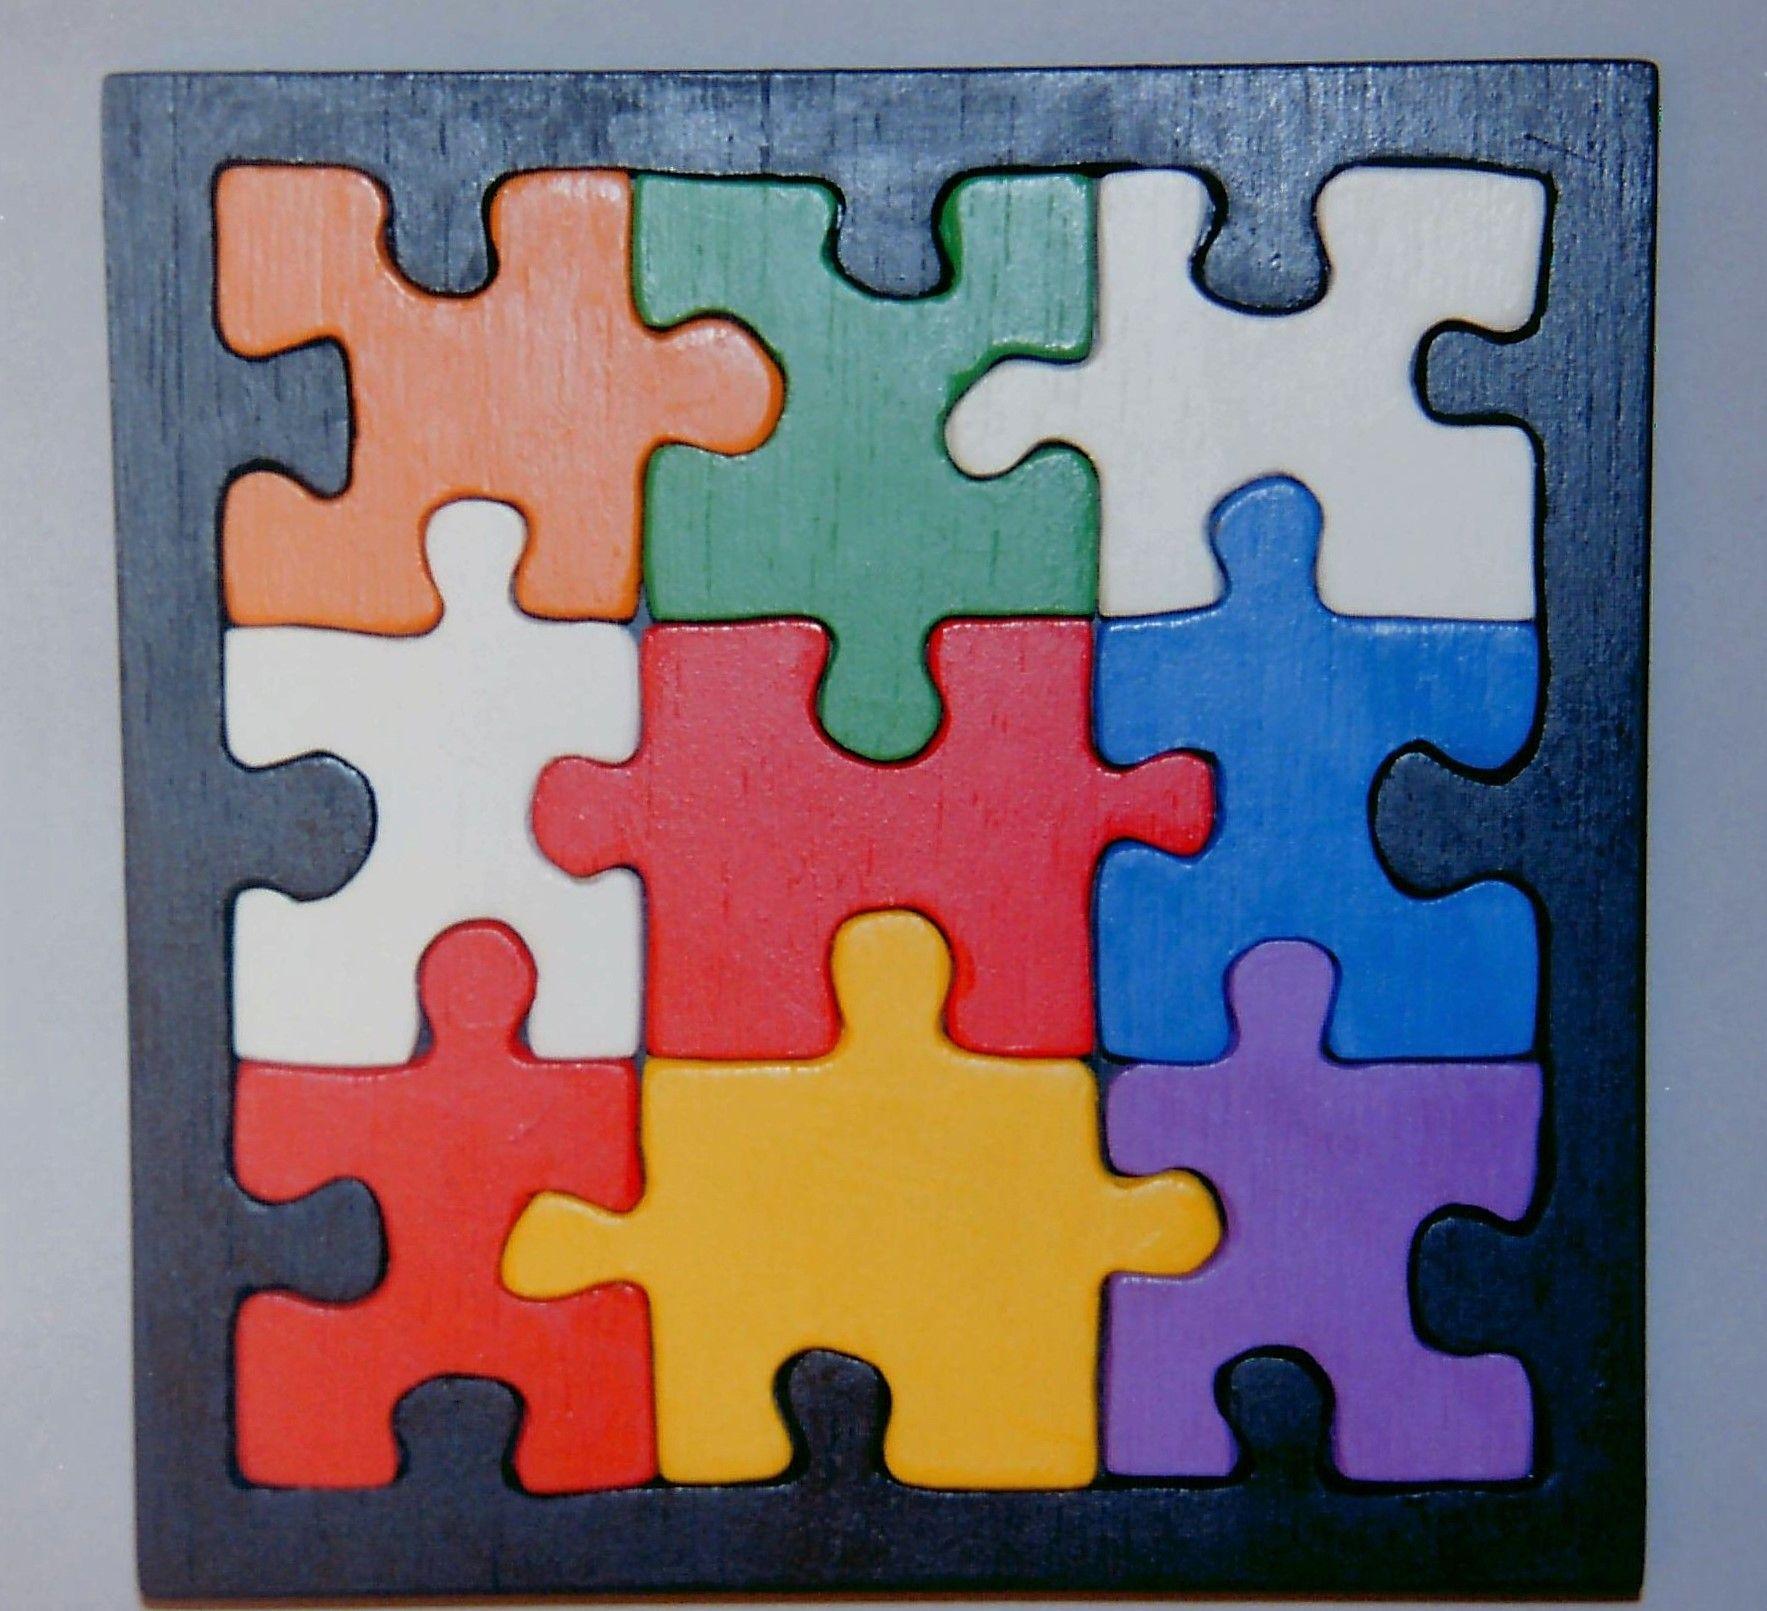 Holz, Spielzeug, Puzzle mit Rahmen und Grundplatte,ca. 15 x 15 cm ...